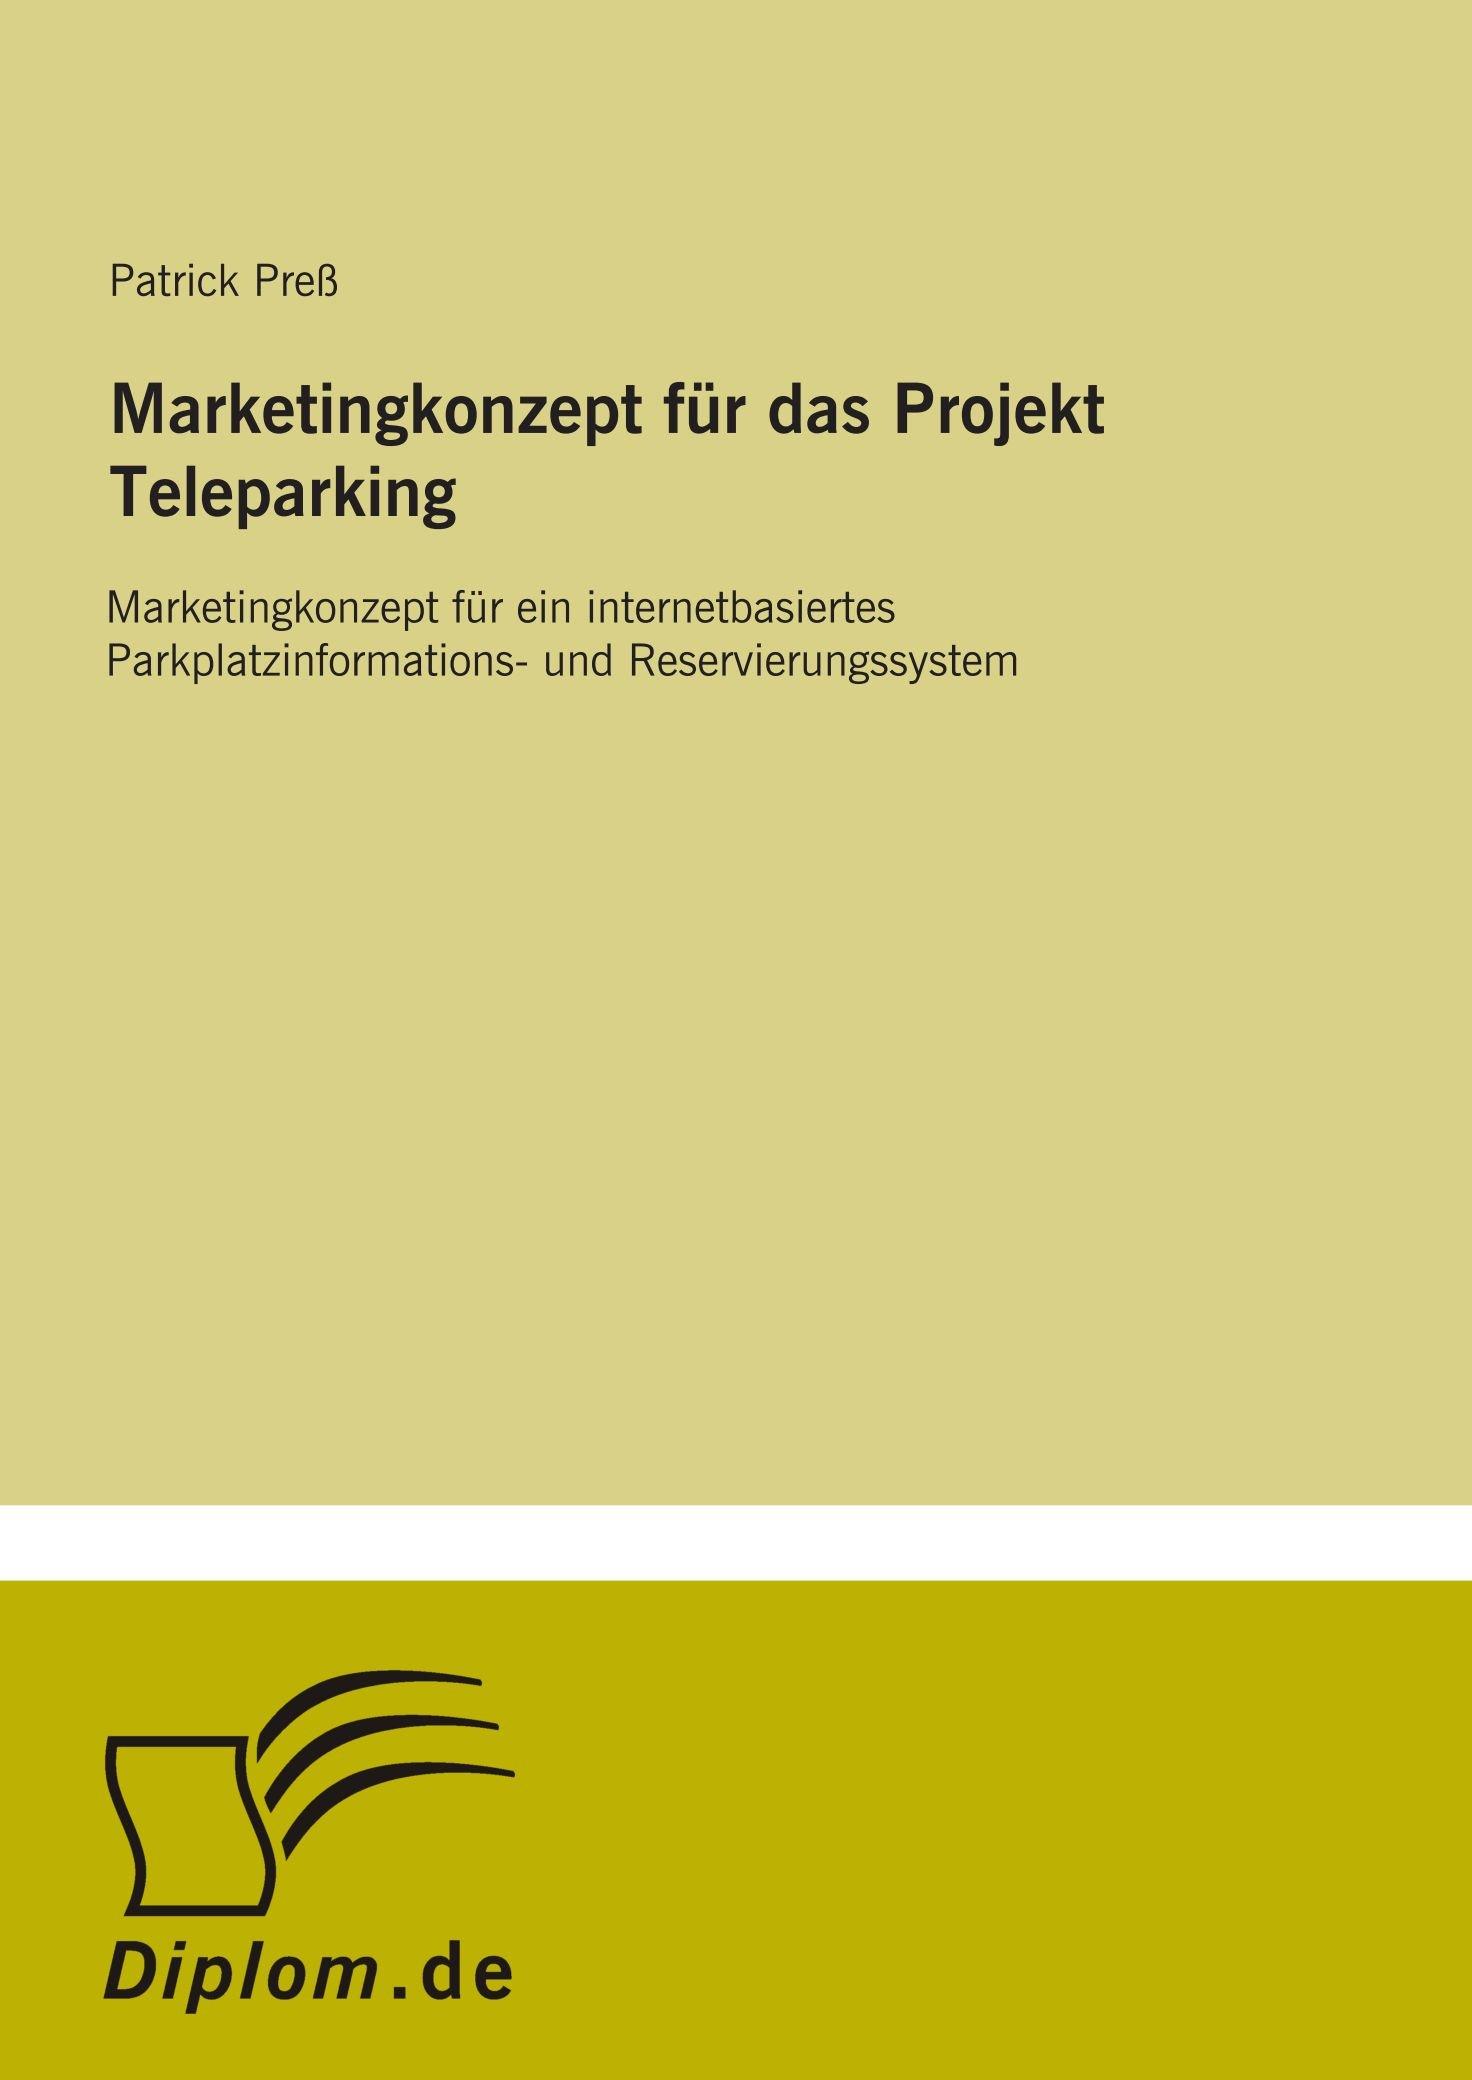 Download Marketingkonzept für das Projekt Teleparking: Marketingkonzept für ein internetbasiertes Parkplatzinformations- und Reservierungssystem (German Edition) pdf